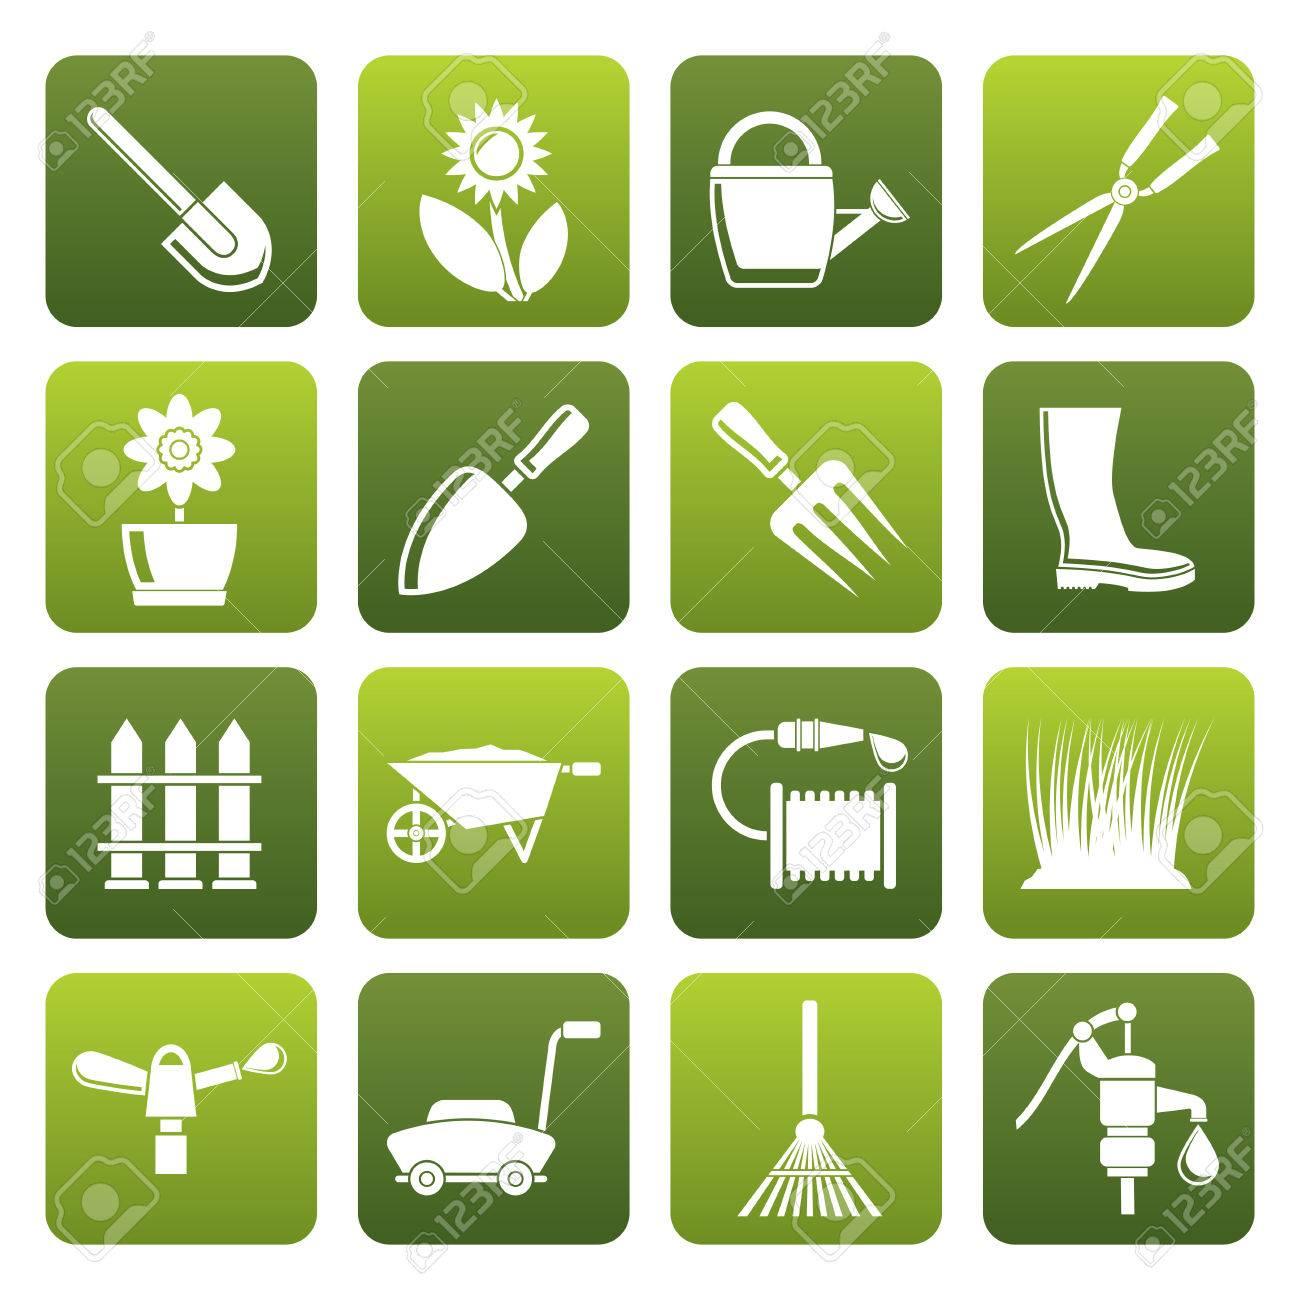 Schwarzer Garten Und Gartengeräte Und Objekte Icons Icon Set